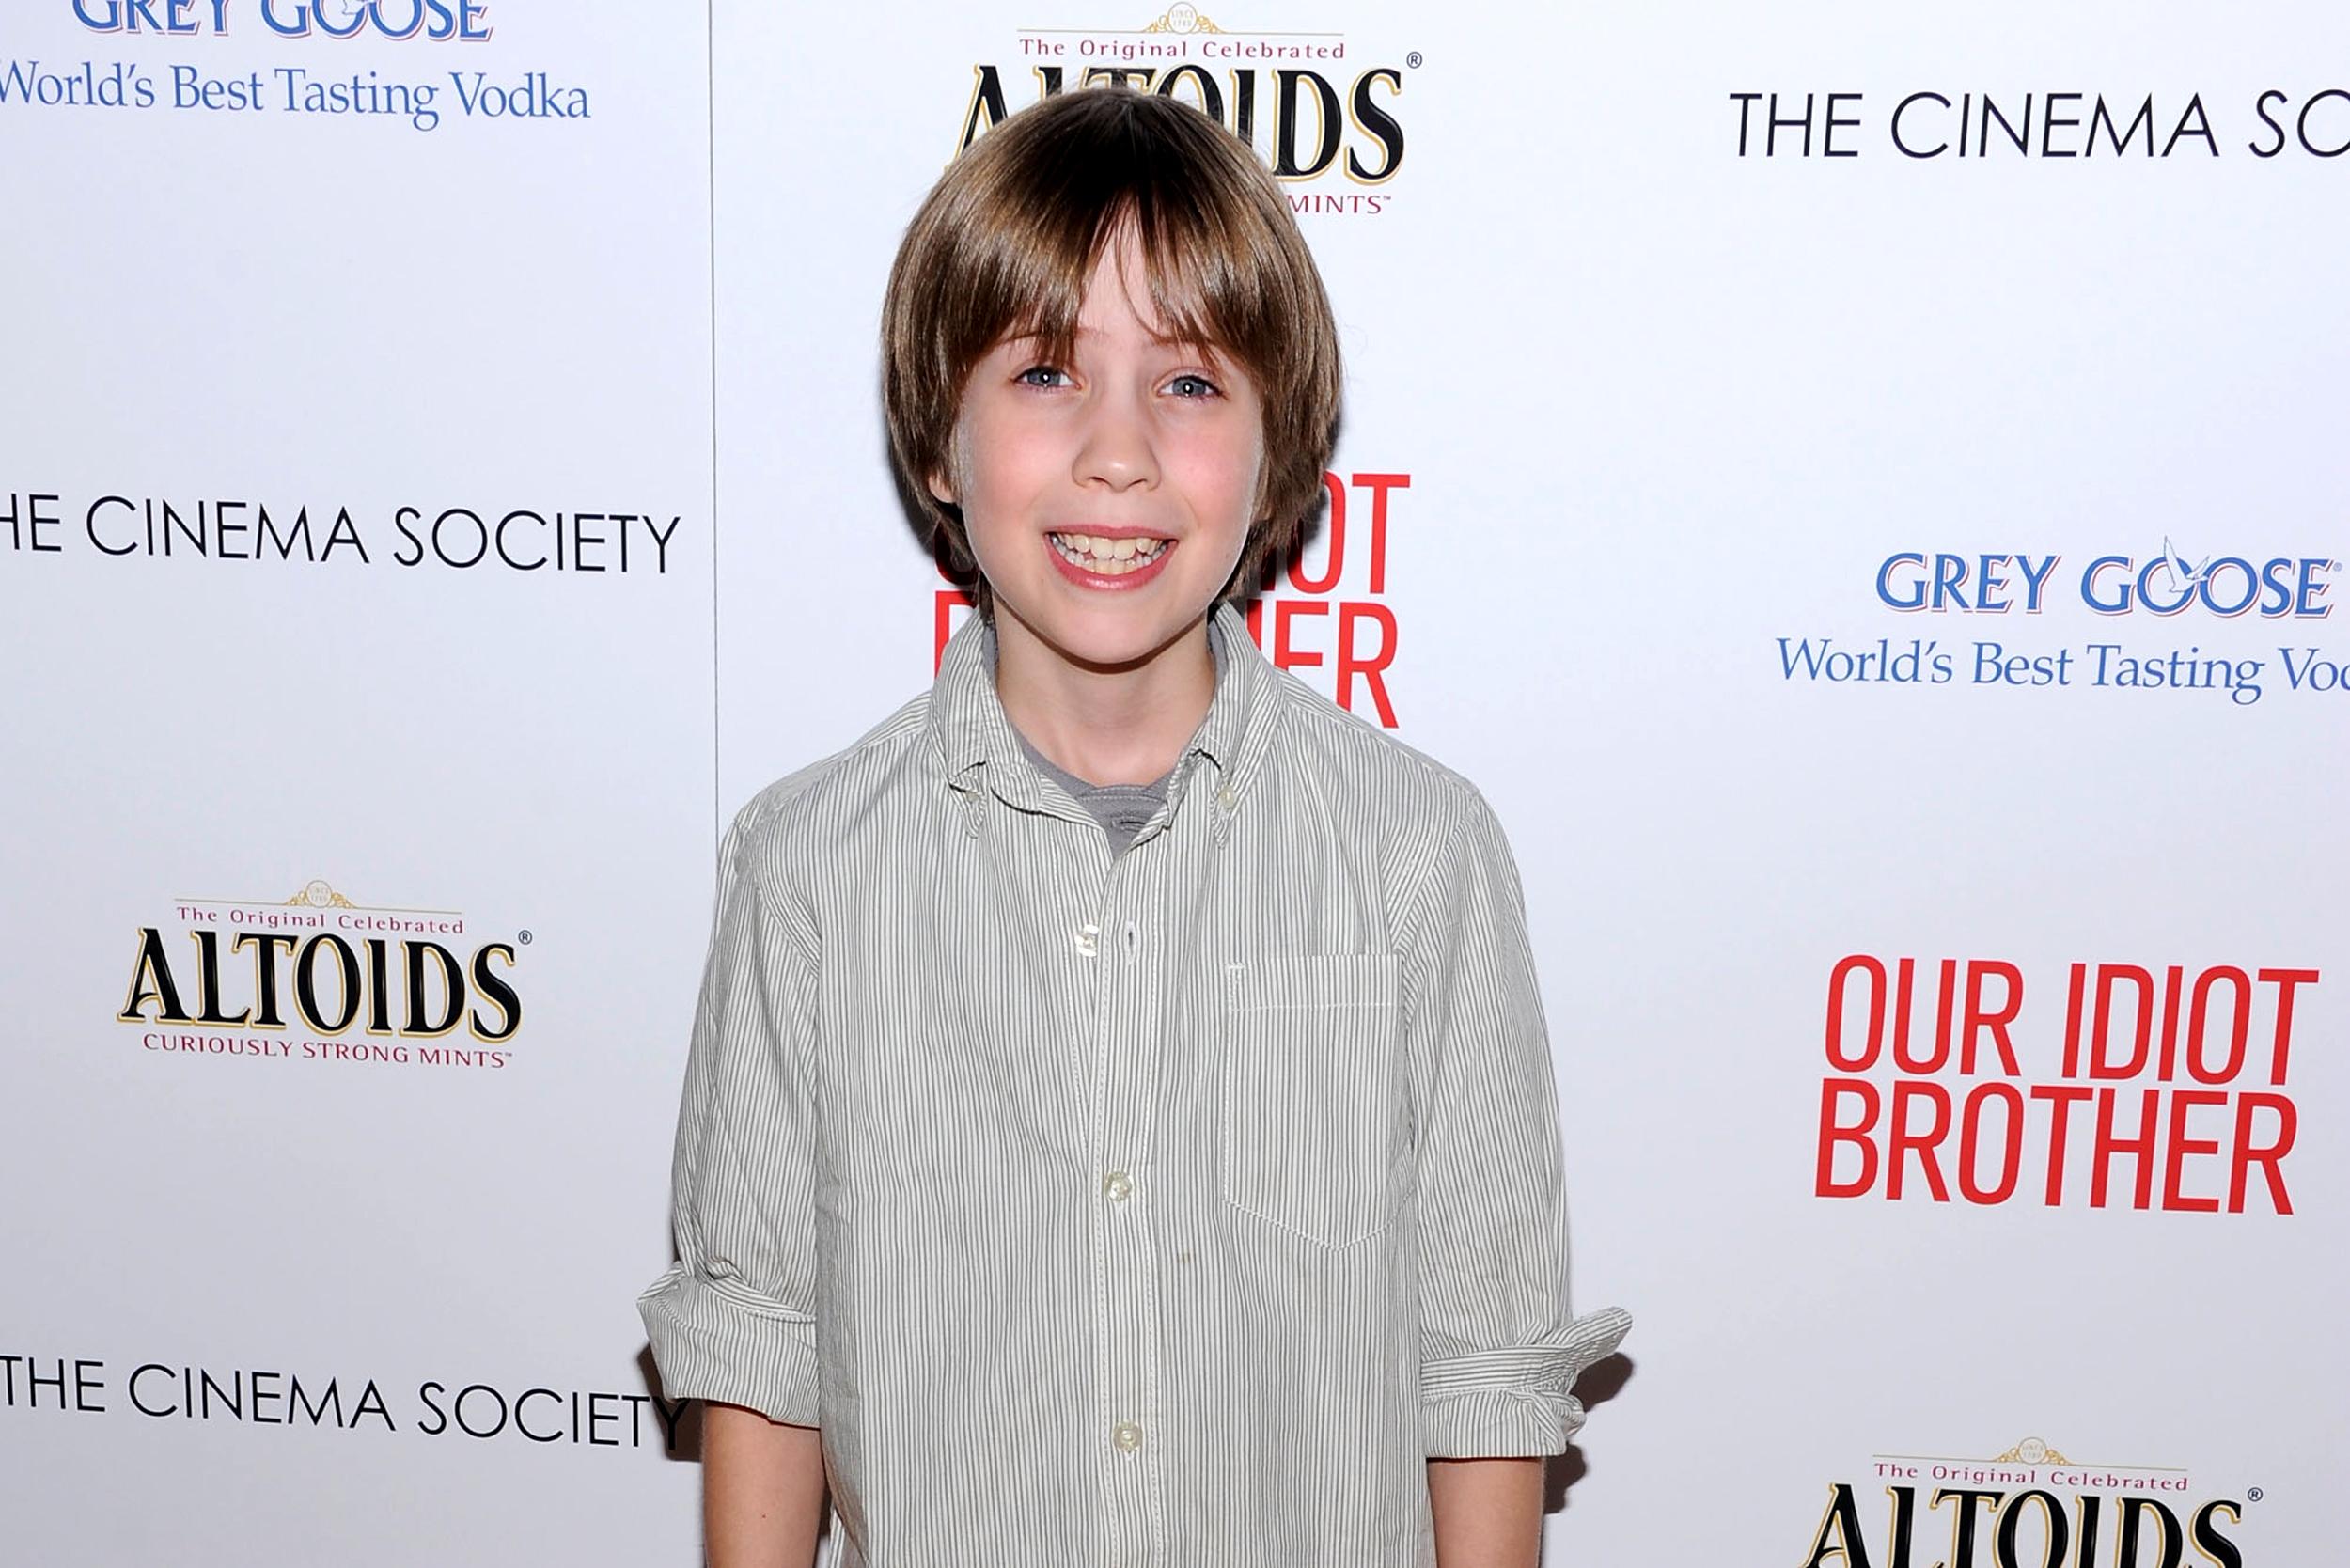 Child actor Matthew Mindler found dead near college campus